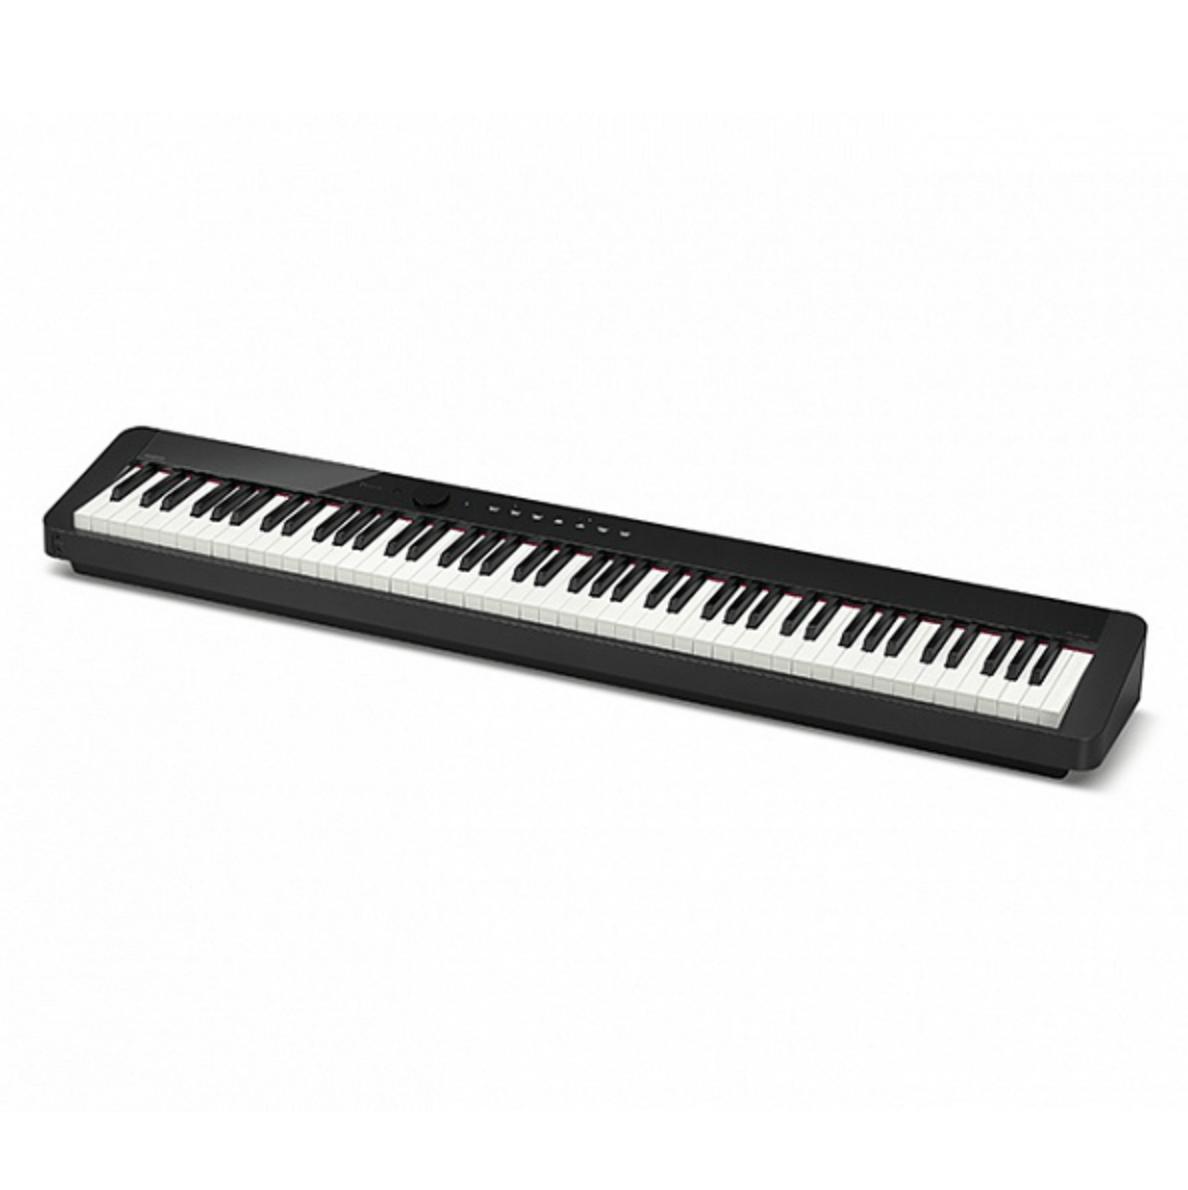 Купить Casio Privia PX-S1000BK Цифровое фортепиано, цвет черный глянцевый